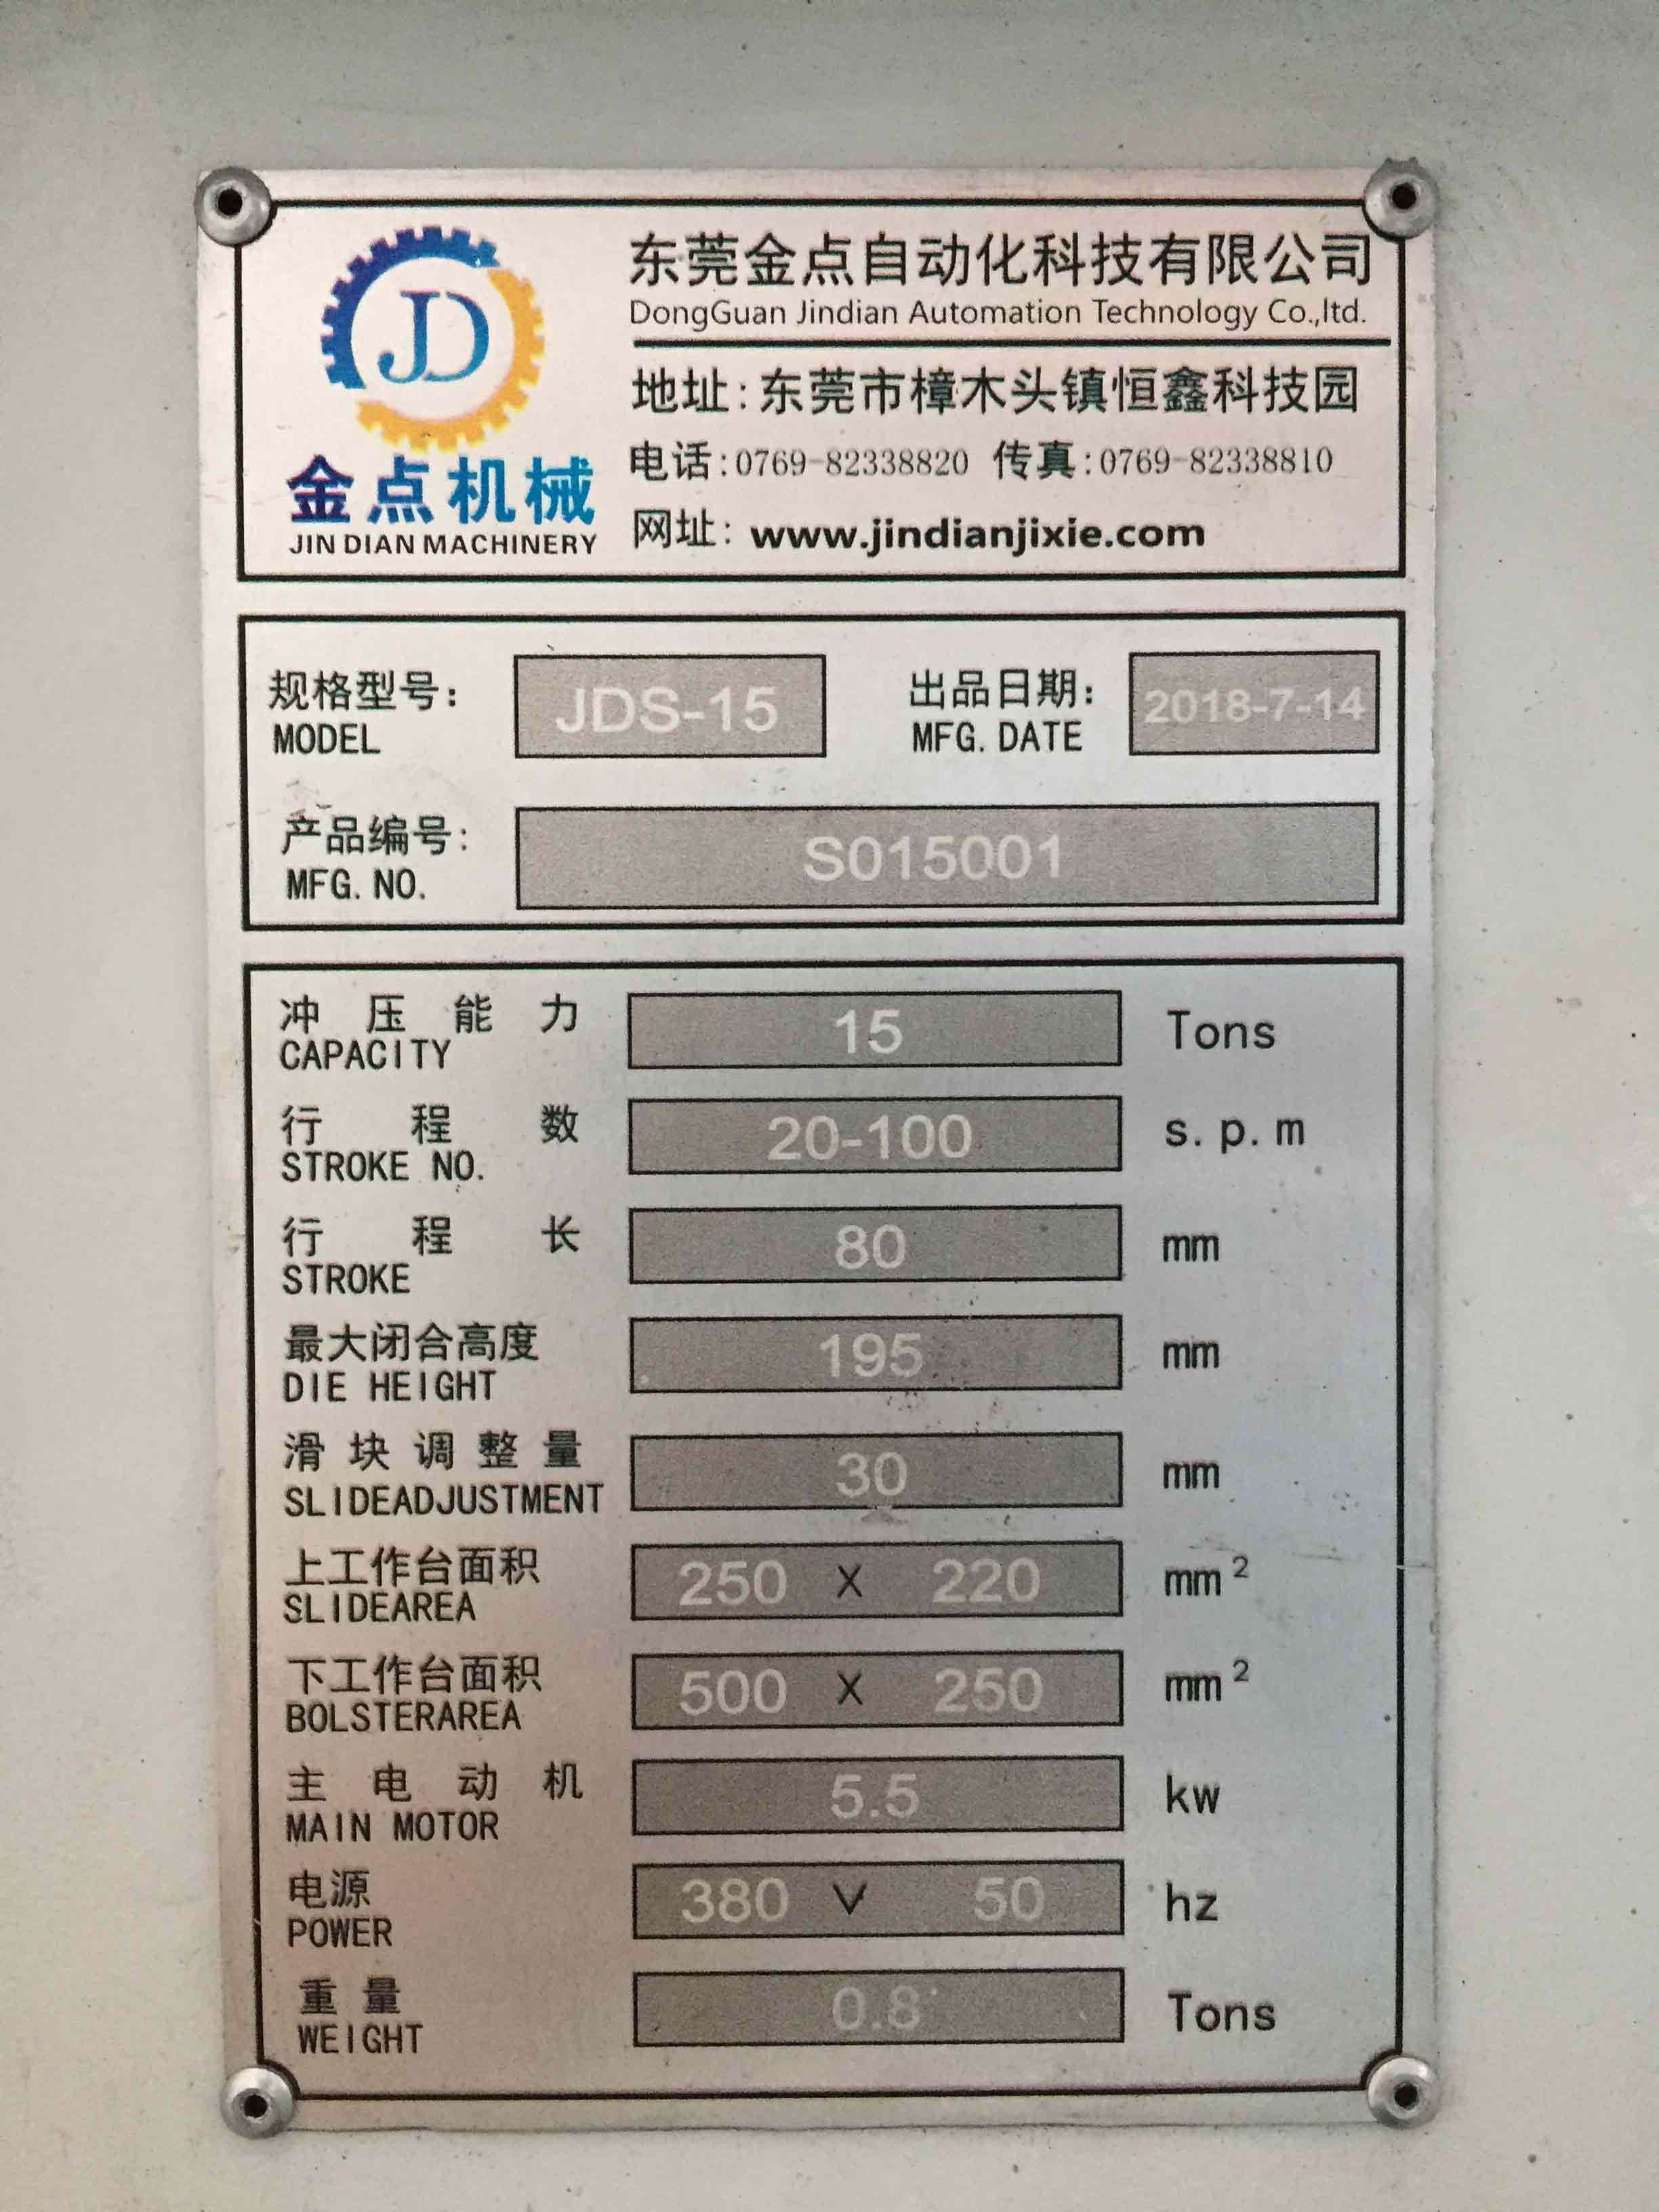 清溪微型冲床价格如何_国产_伺服_JDS系列_进口_金点机械